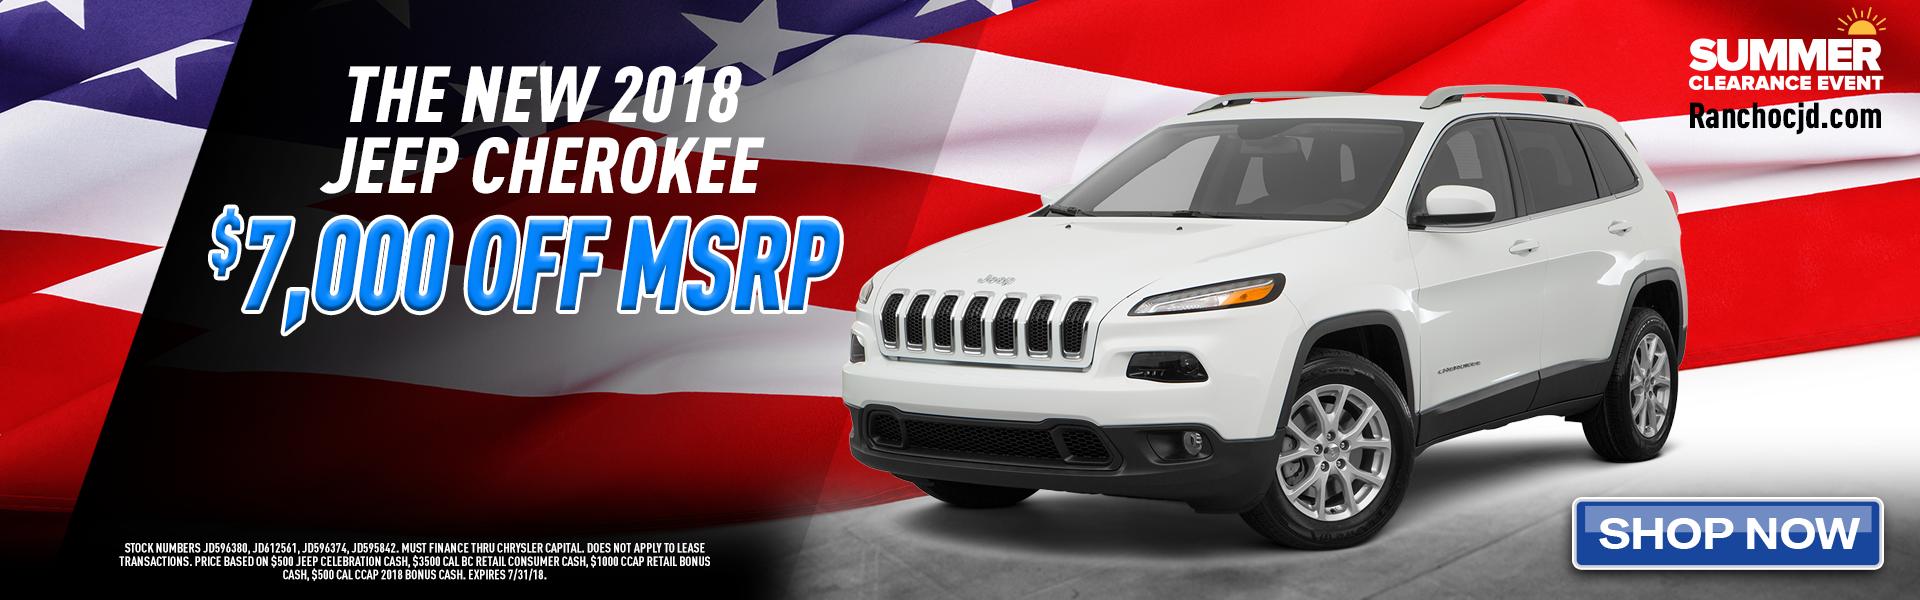 2018-jeep-cherokee